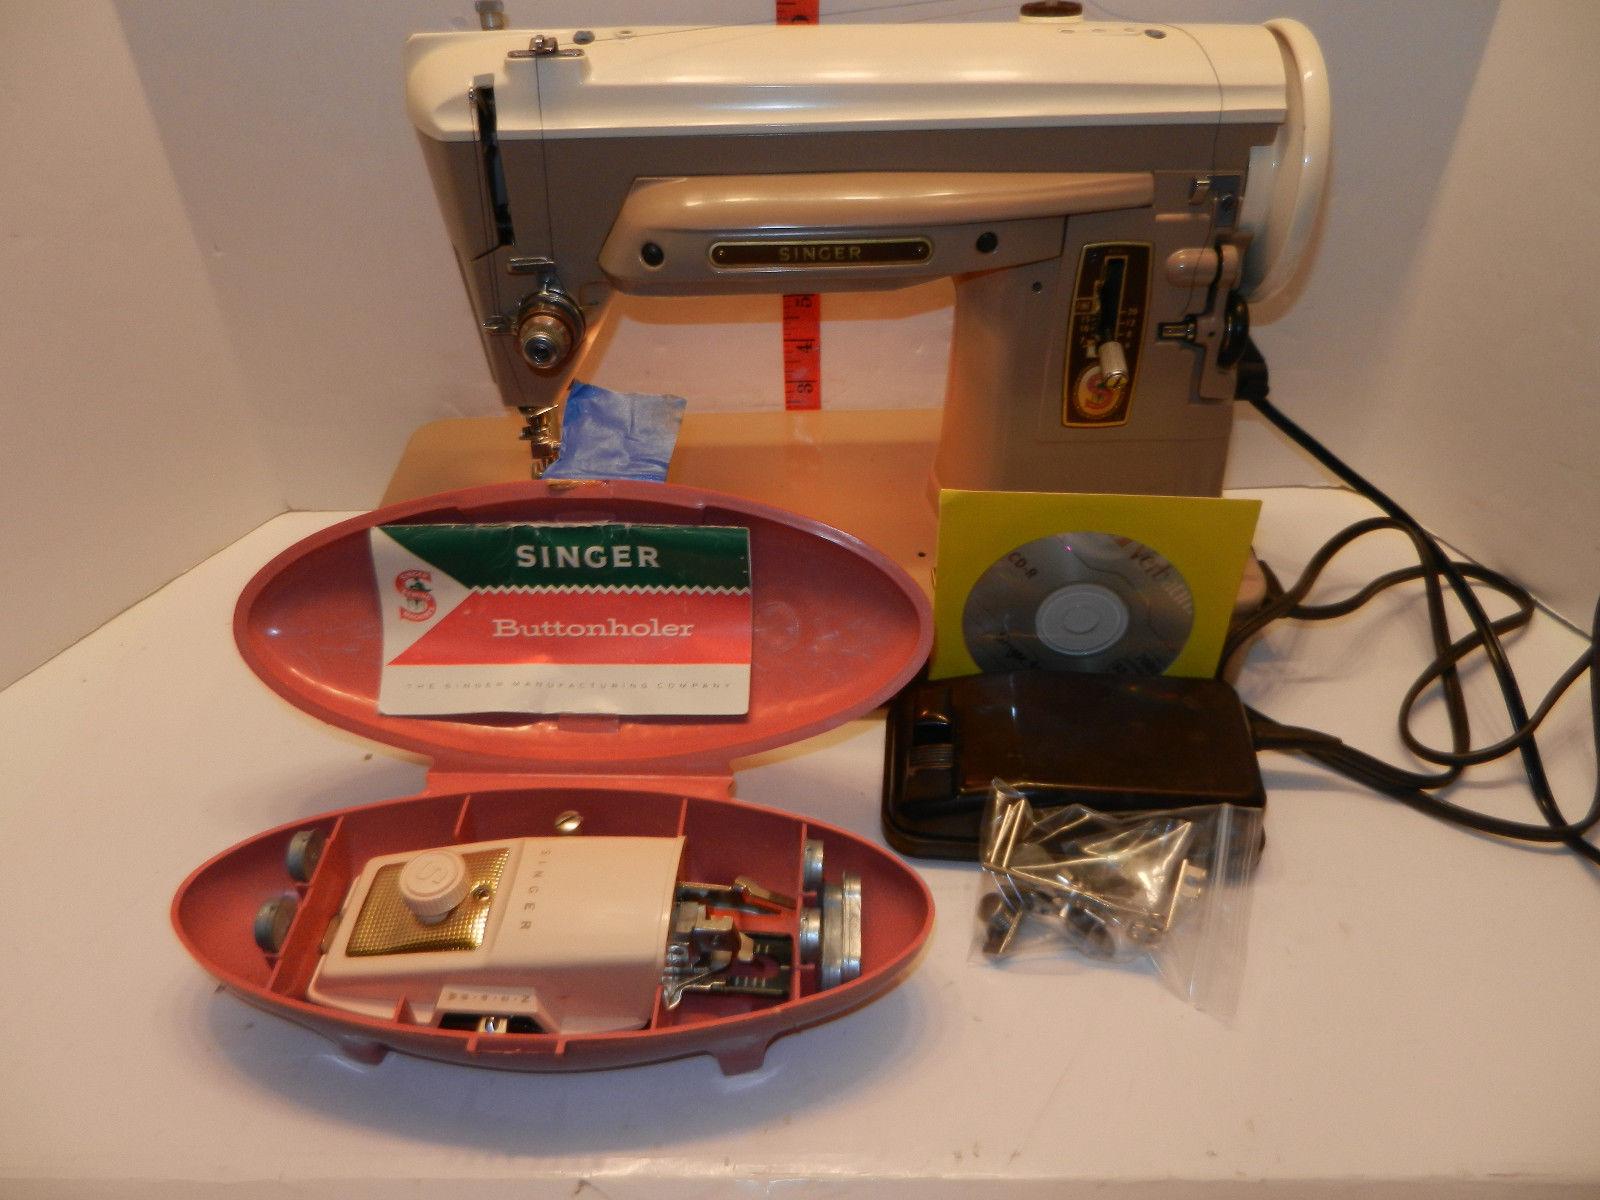 singer sewing machine 404